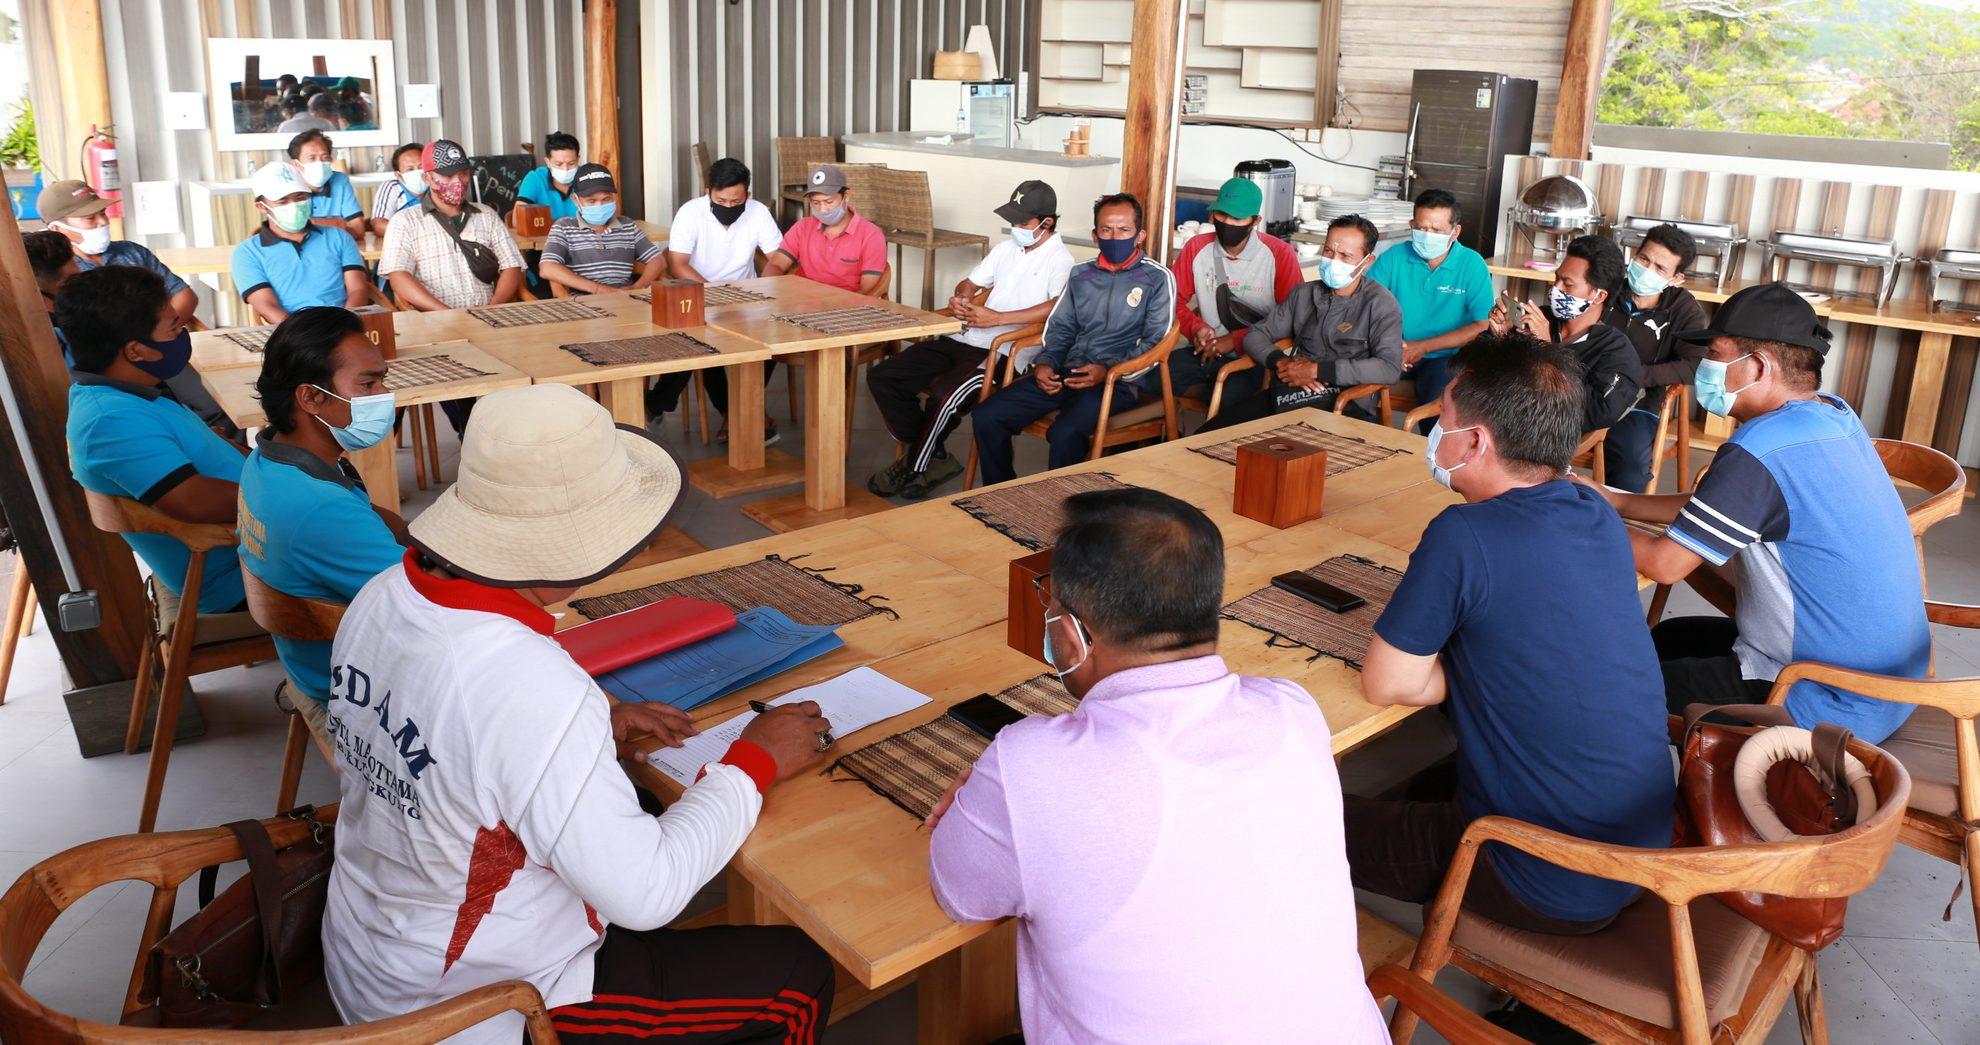 BUPATI Suwirta mengumpulkan petugas BWS Bali-Penida, UPT Guyangan, dan PDAM Klungkung di Nusa Penida, Minggu (22/11/2020). Foto: ist